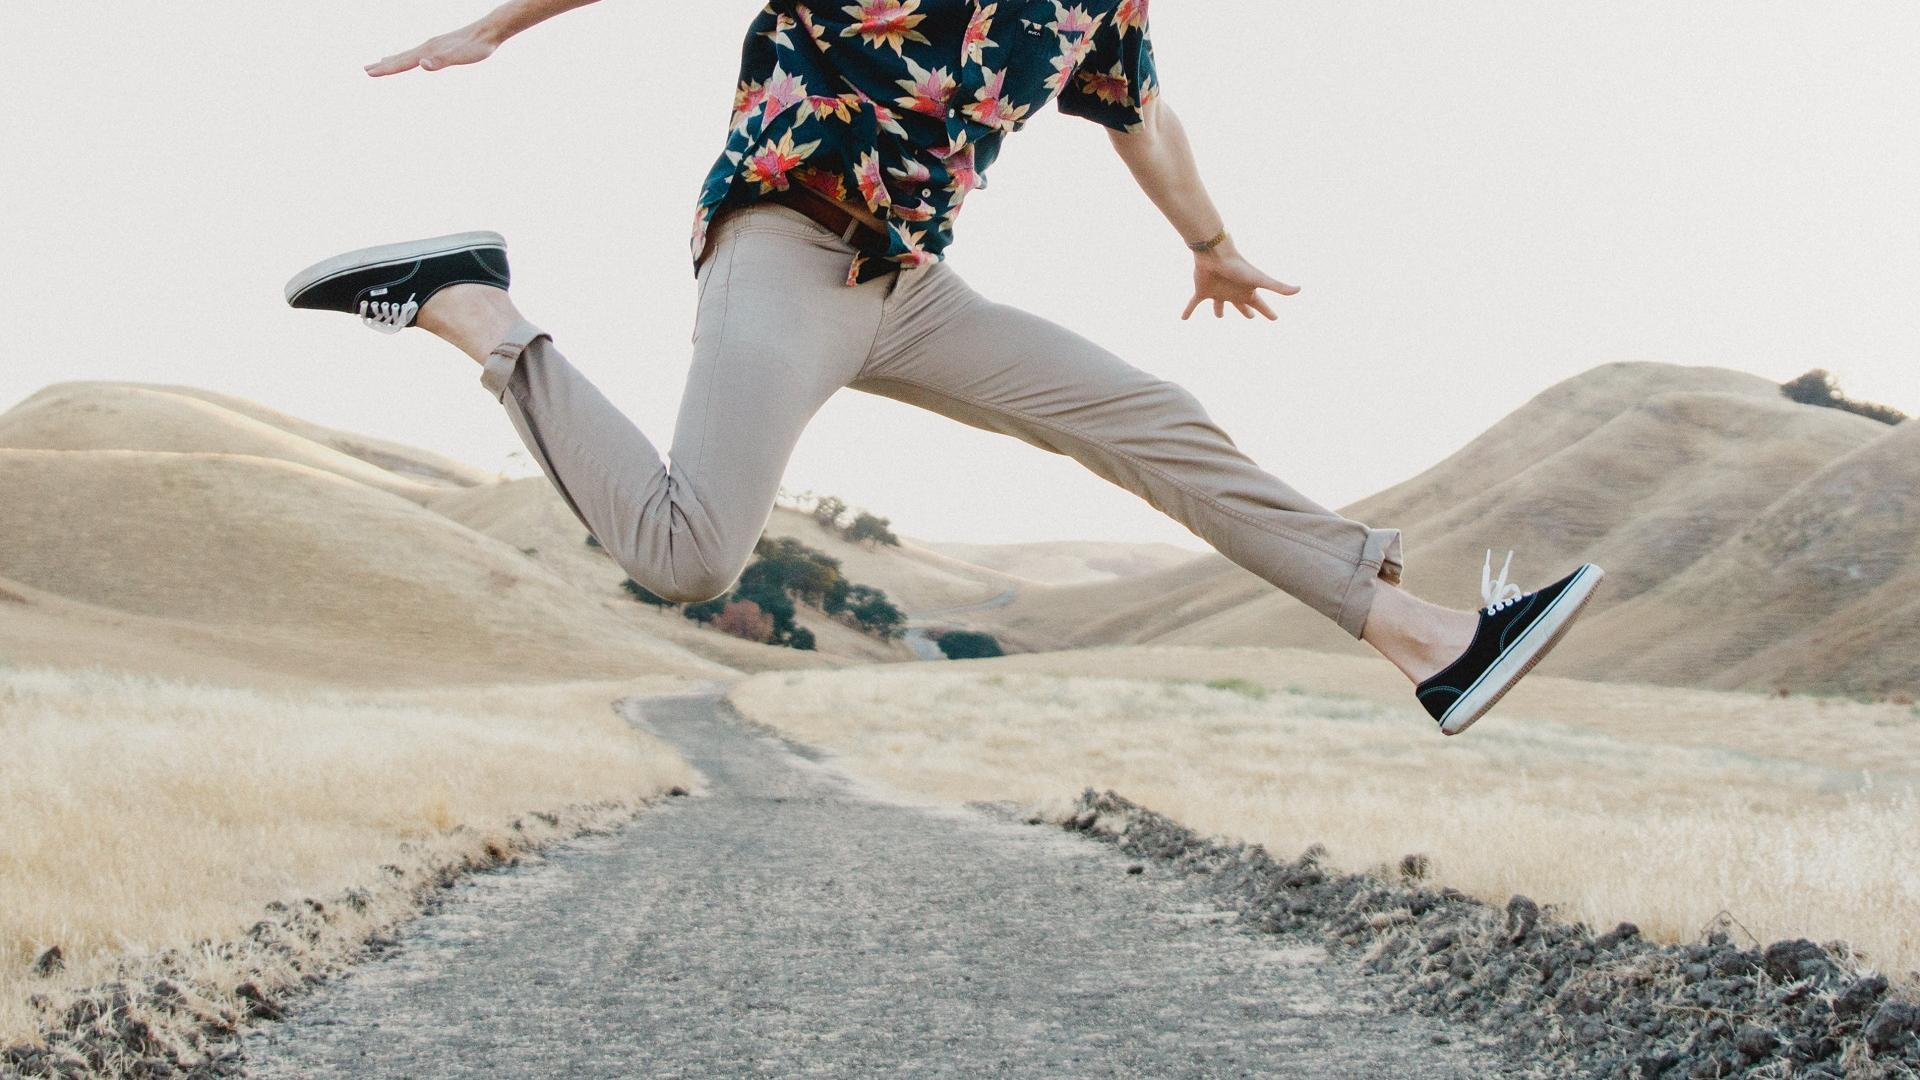 Mann hüpft begeistert